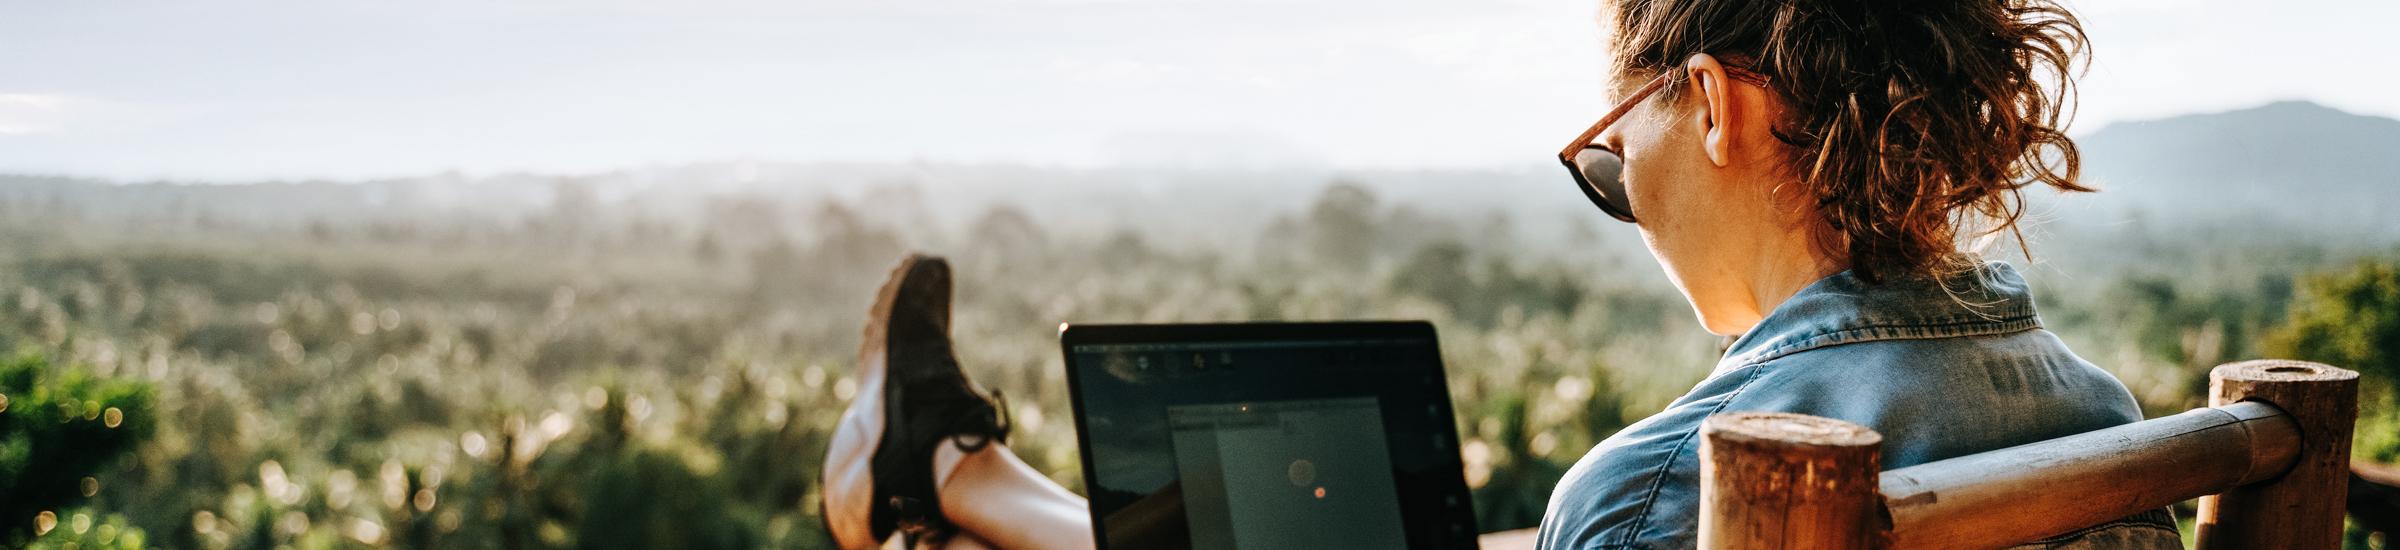 Junge Frau sitzt auf dem Balkon und arbeitet während ihrer Workcation